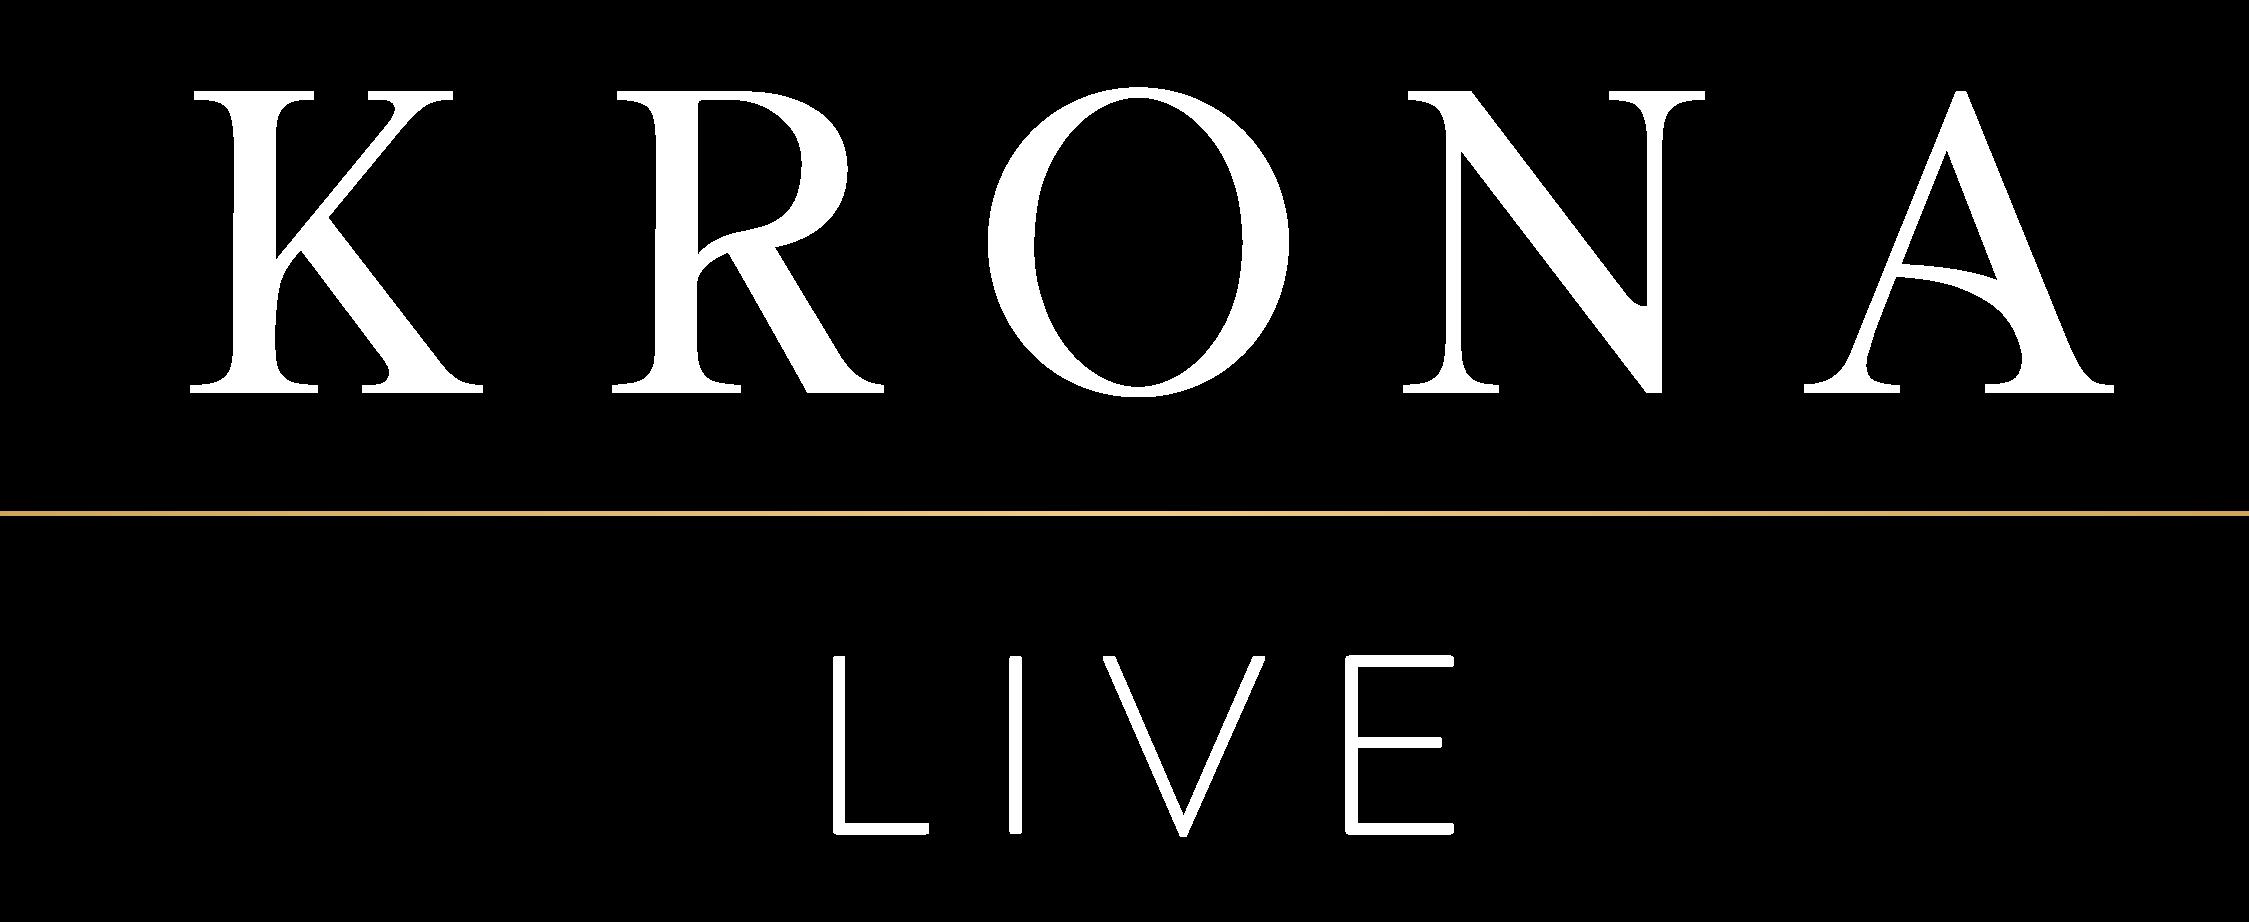 Krona_Live